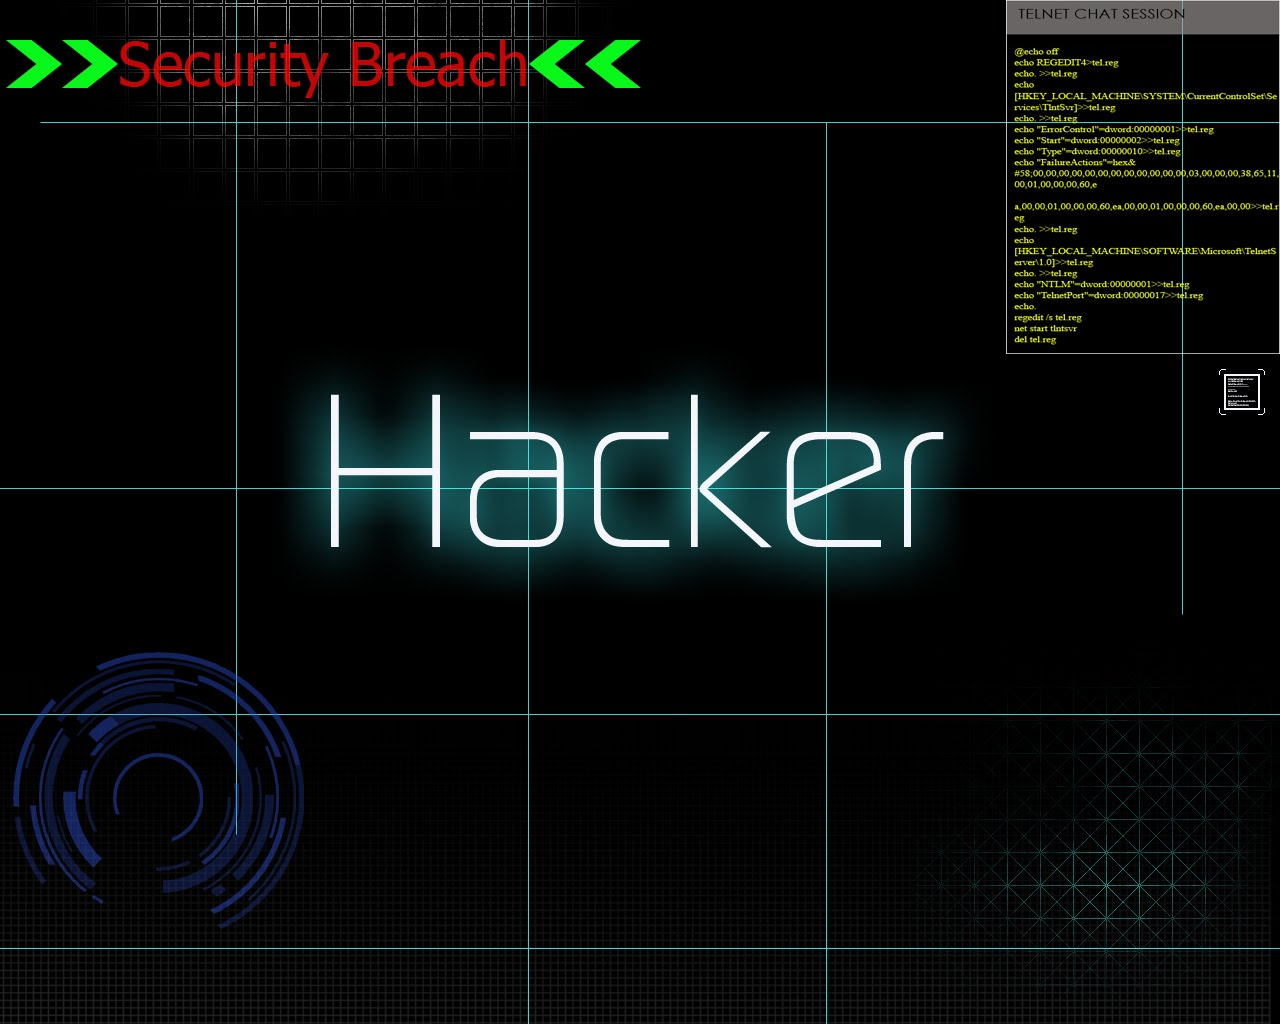 http://3.bp.blogspot.com/-vQI5xZsKTkU/TaxOoTJfv1I/AAAAAAAAAYM/LNd8Sm1-gzU/s1600/Hacker_Wallpaper_1280x1024_by_Pengo1.jpg